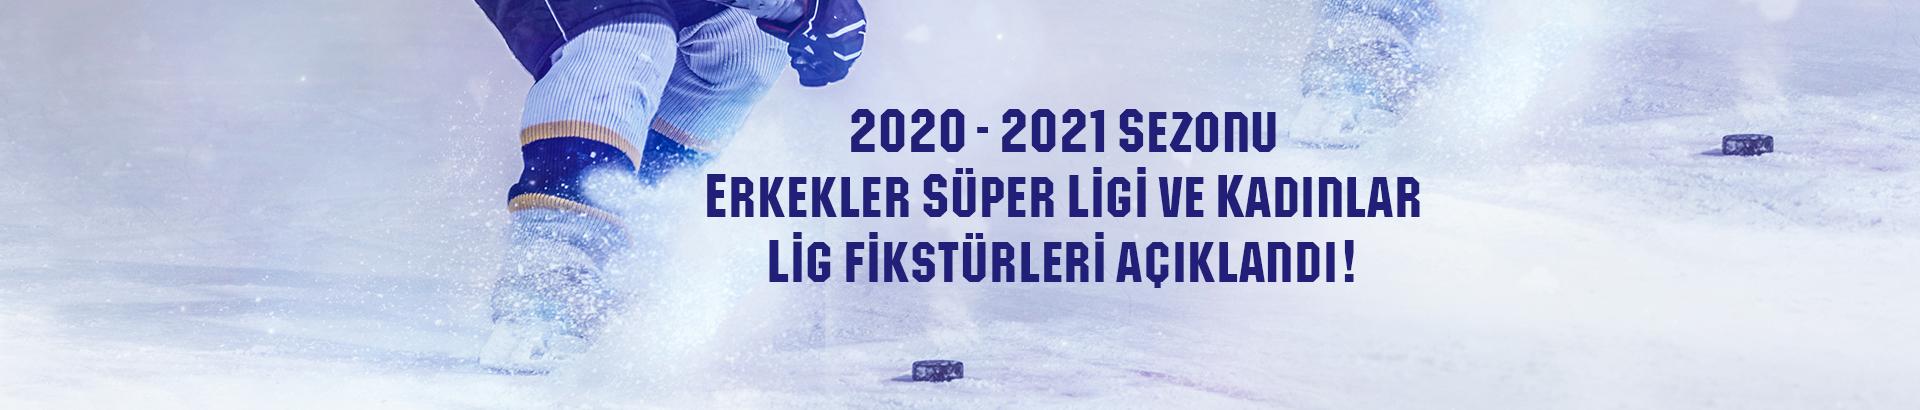 2020 - 2021 Erkekler Süper Ligi ve Kadınlar Ligi Fikstürleri